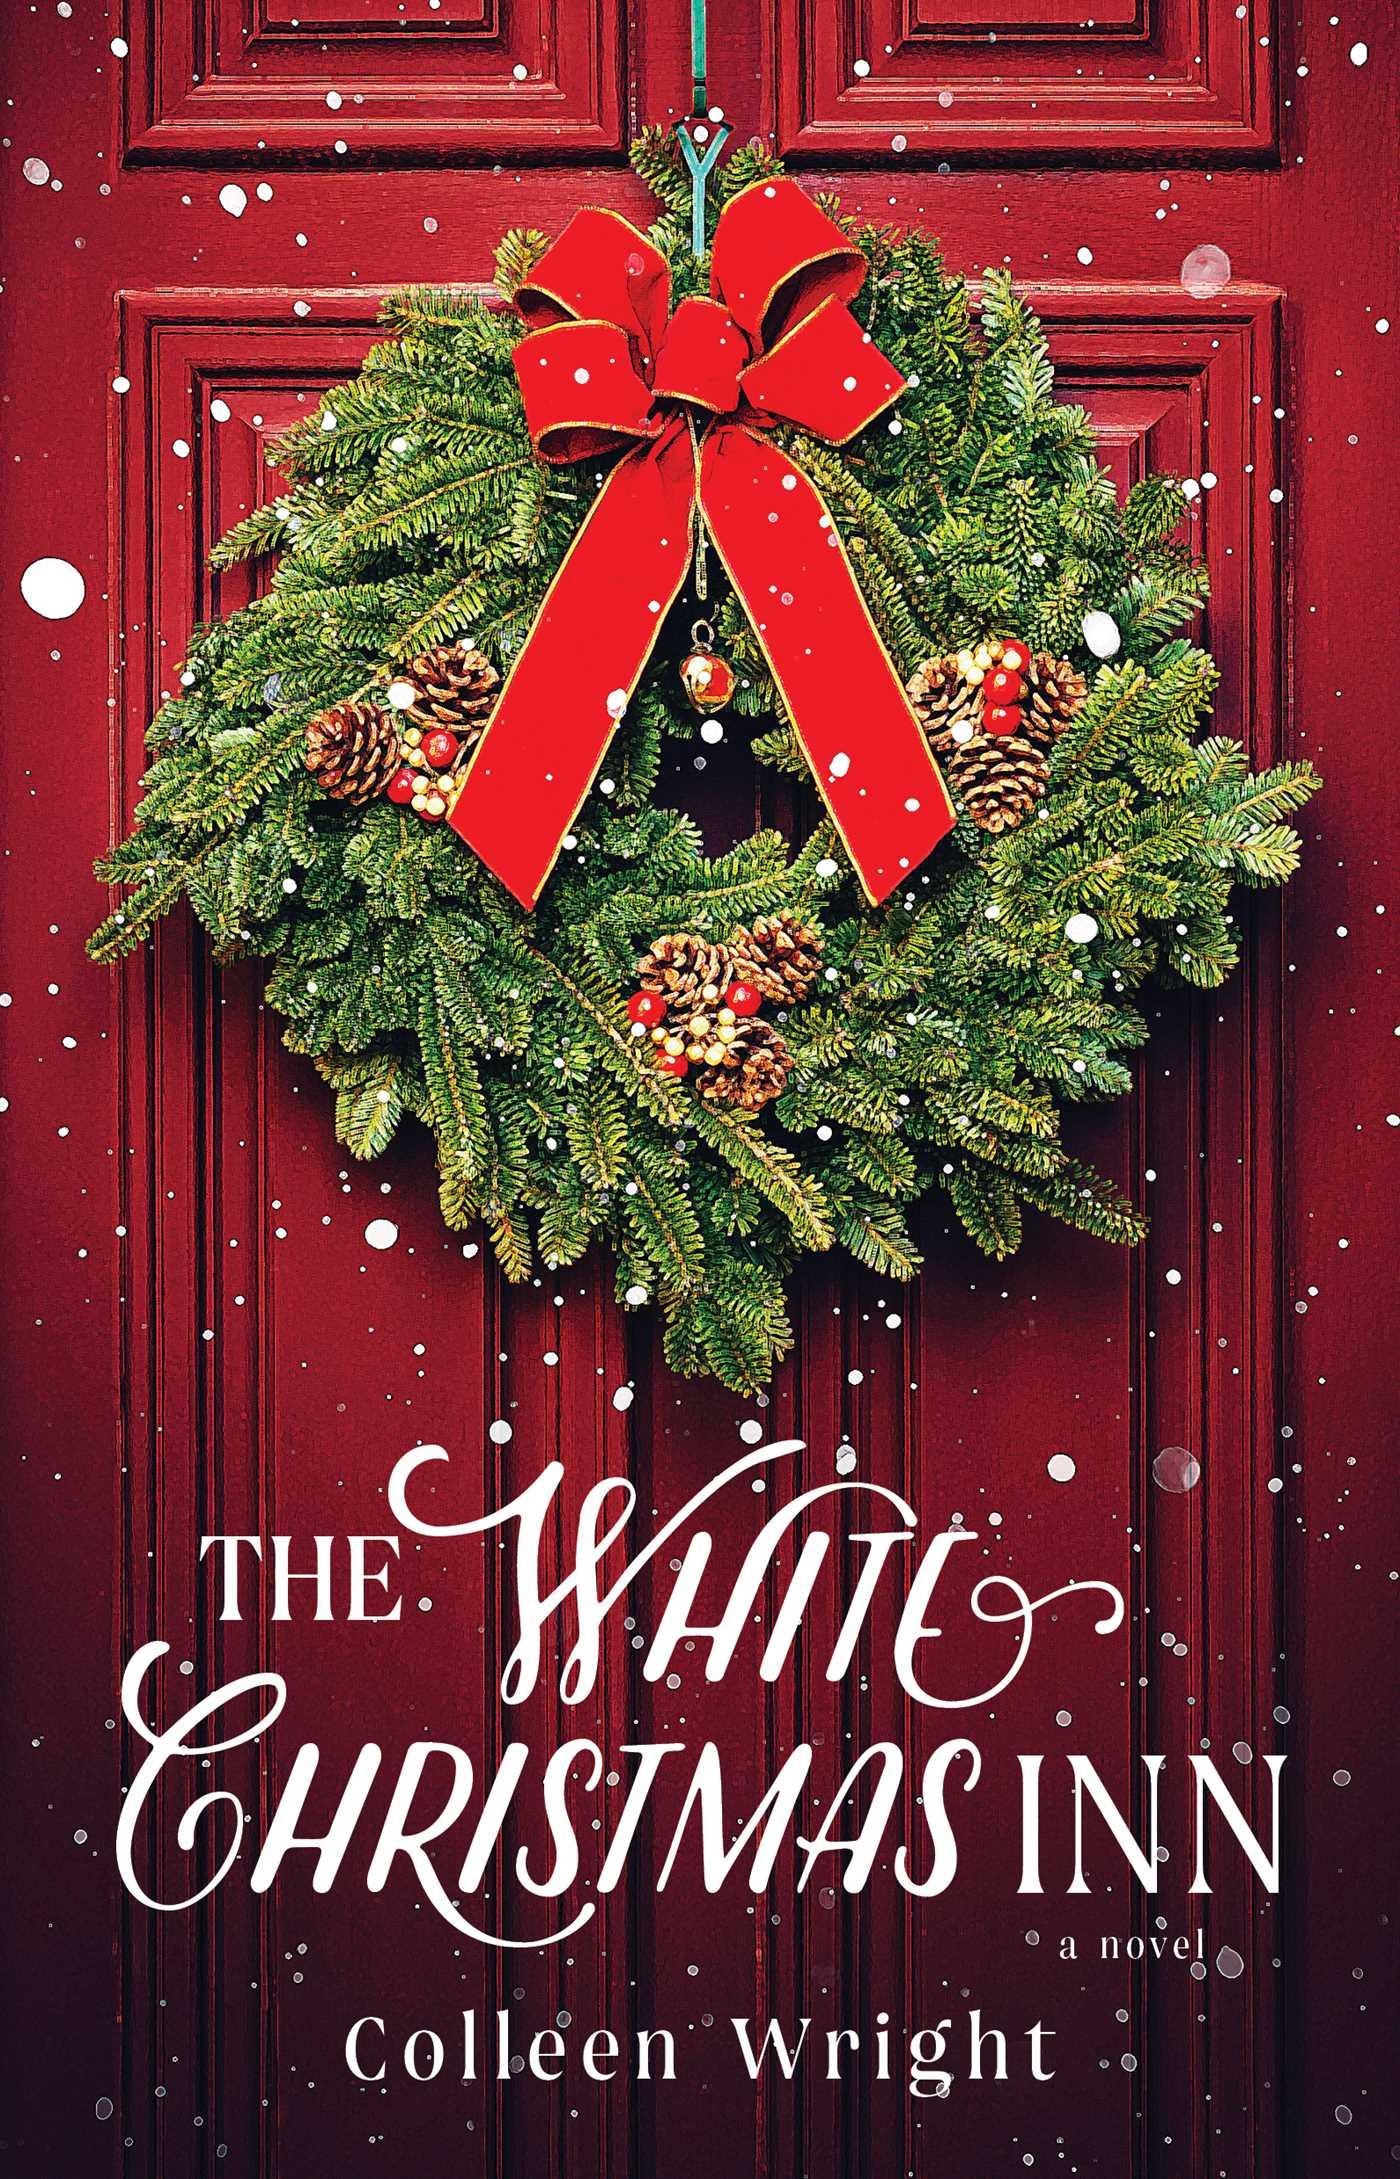 the white christmas inn 9781501180606 hr - The Christmas Inn